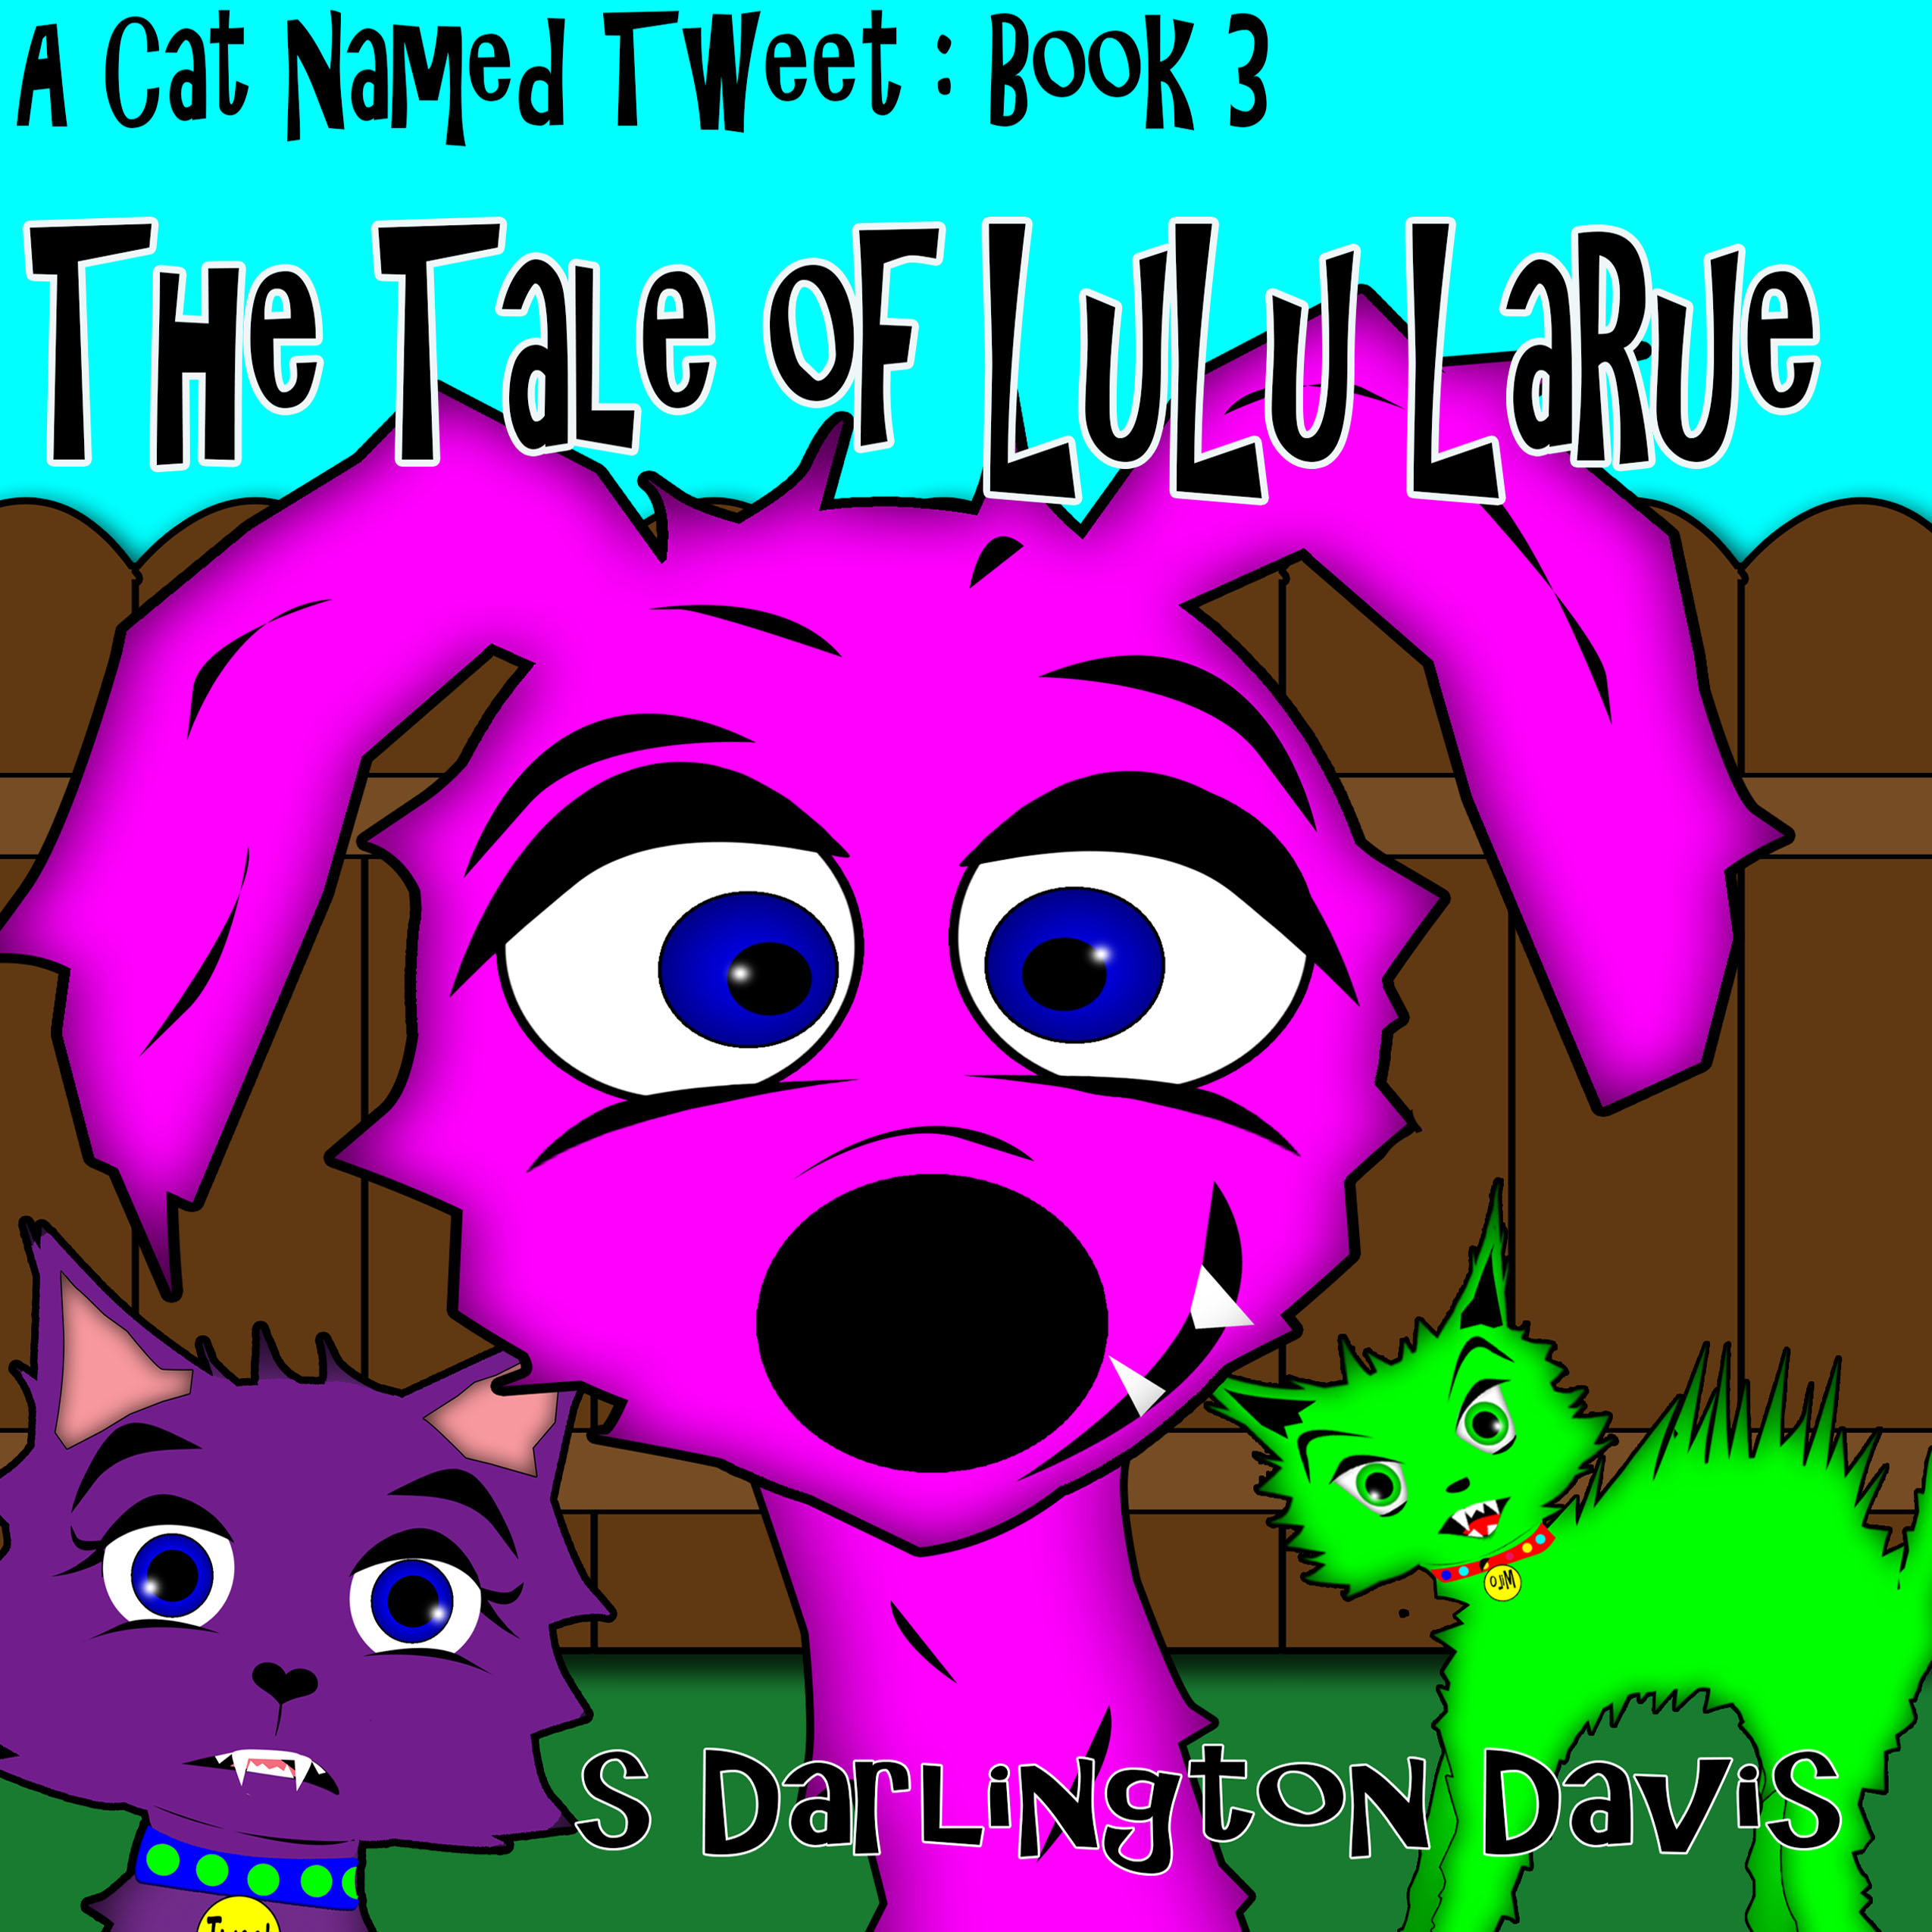 The Tale of LuLu LaRue